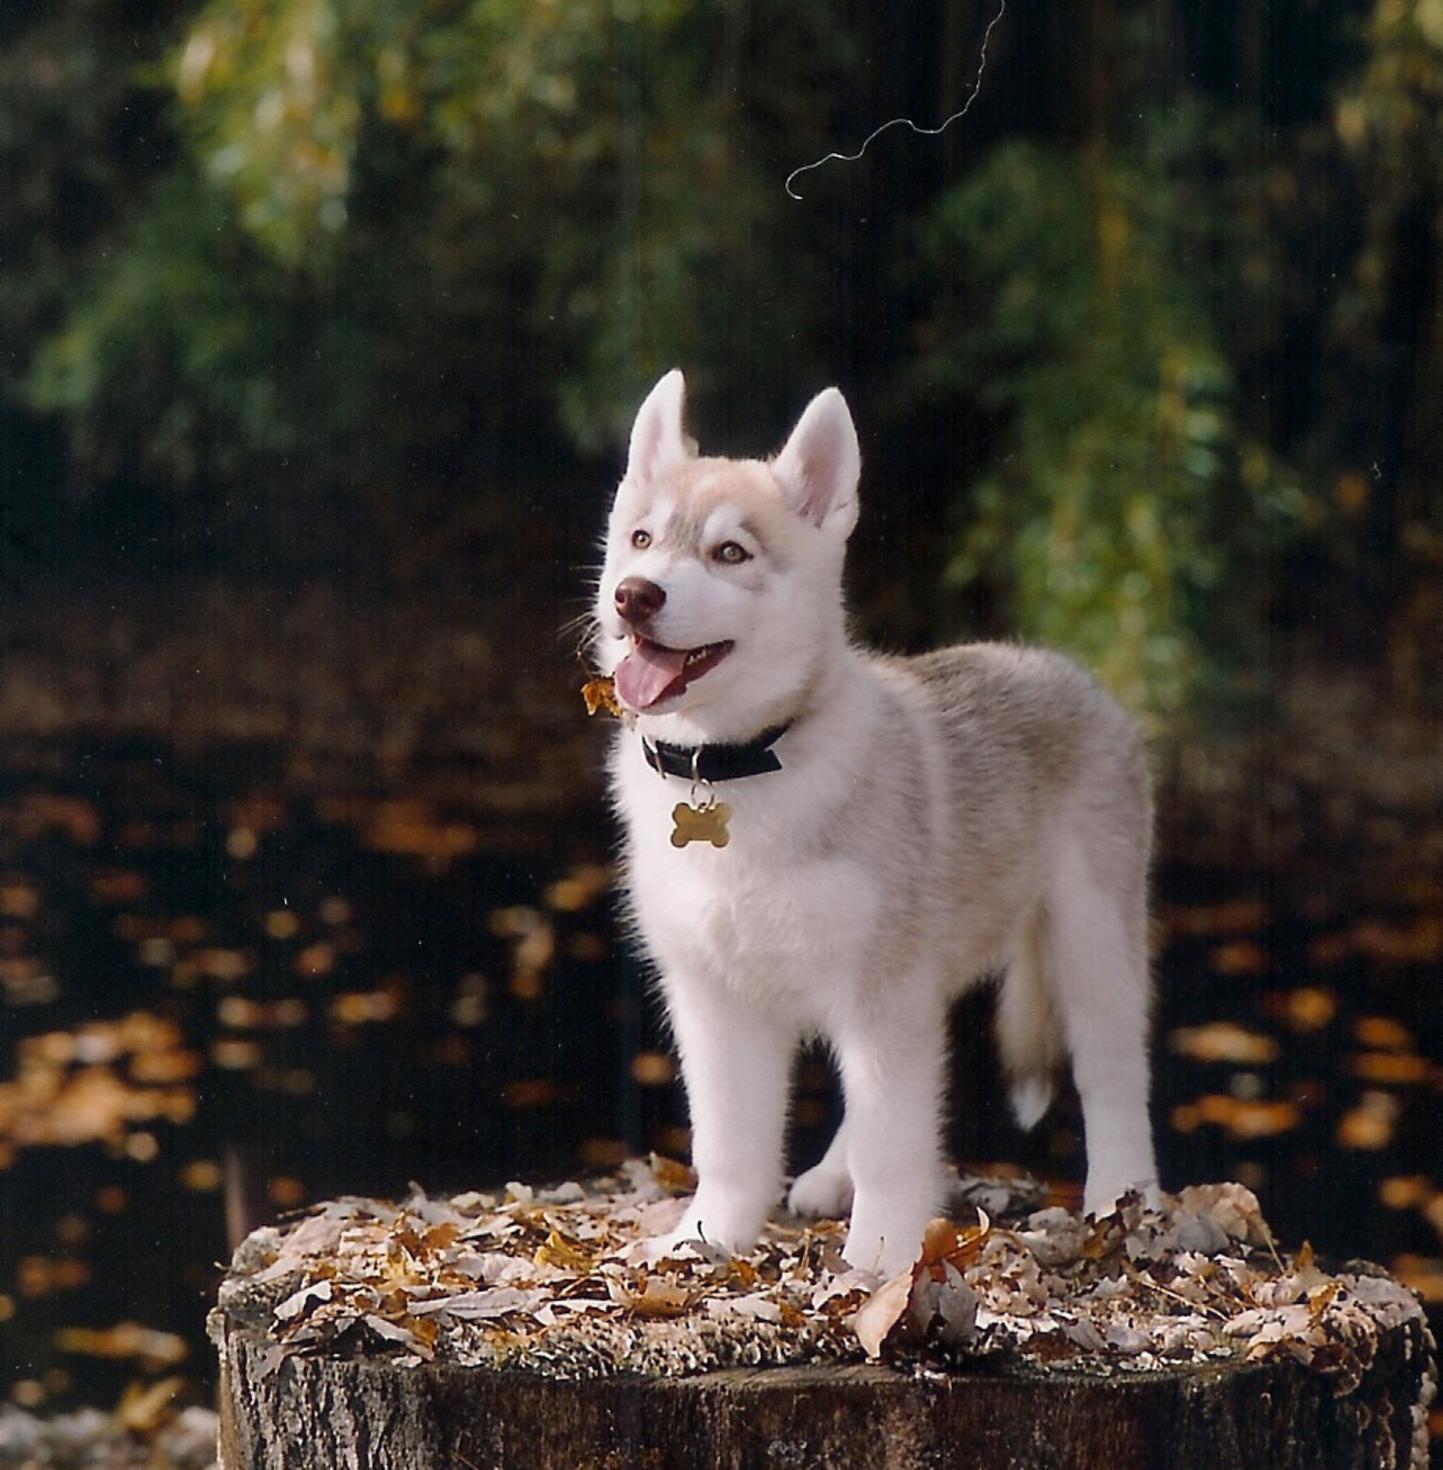 Wallpapers-hub: Cute Siberian Huskies Puppies Wallpapers